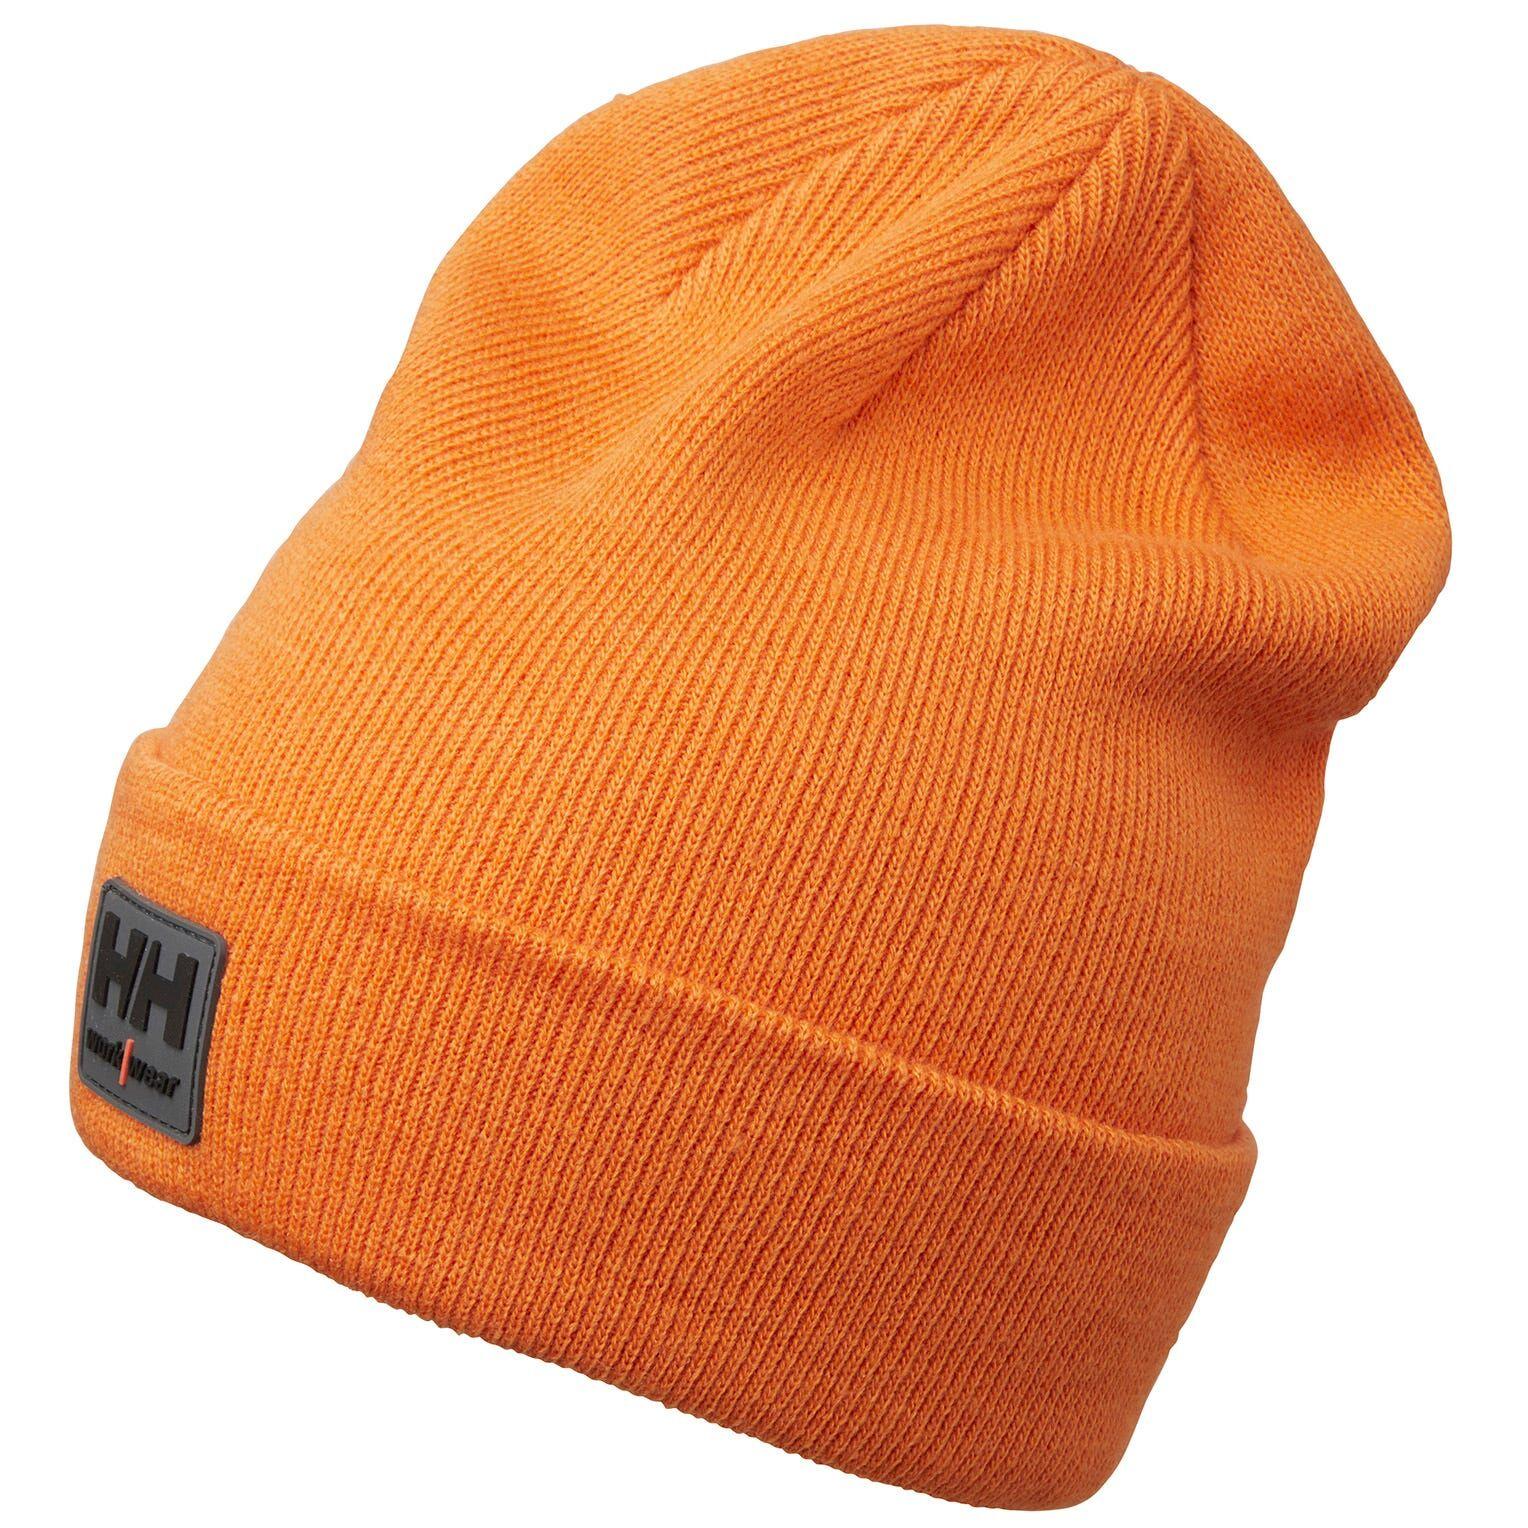 HH Workwear Helly Hansen WorkwearKensington Beanie Orange STD